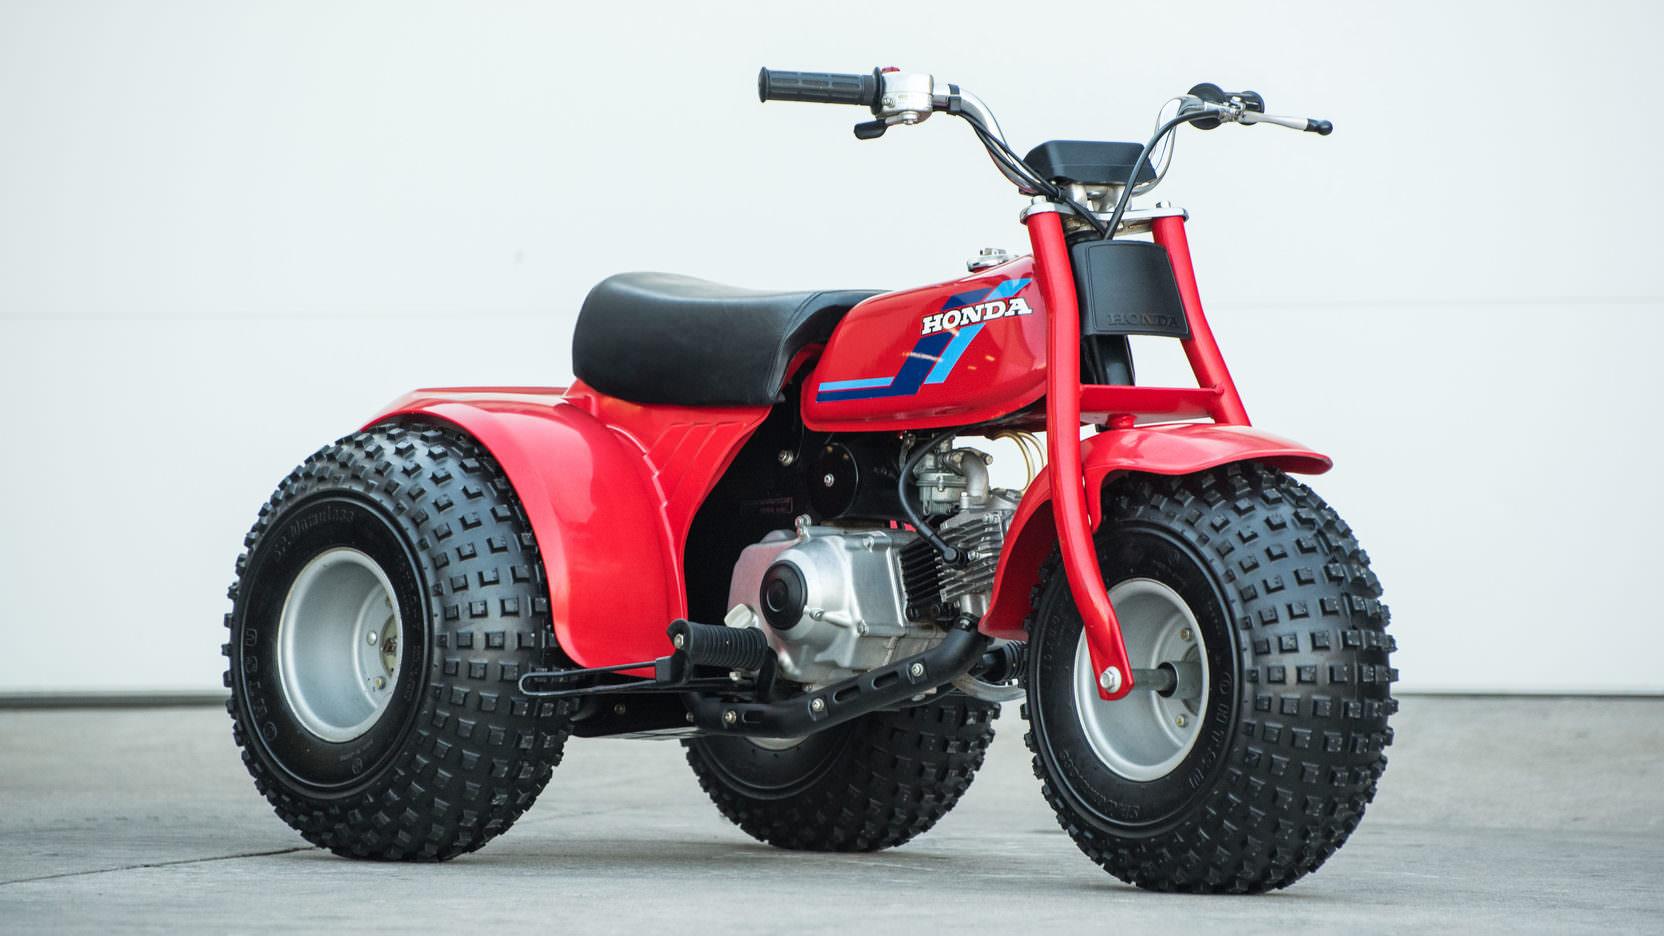 Honda atc 70 8